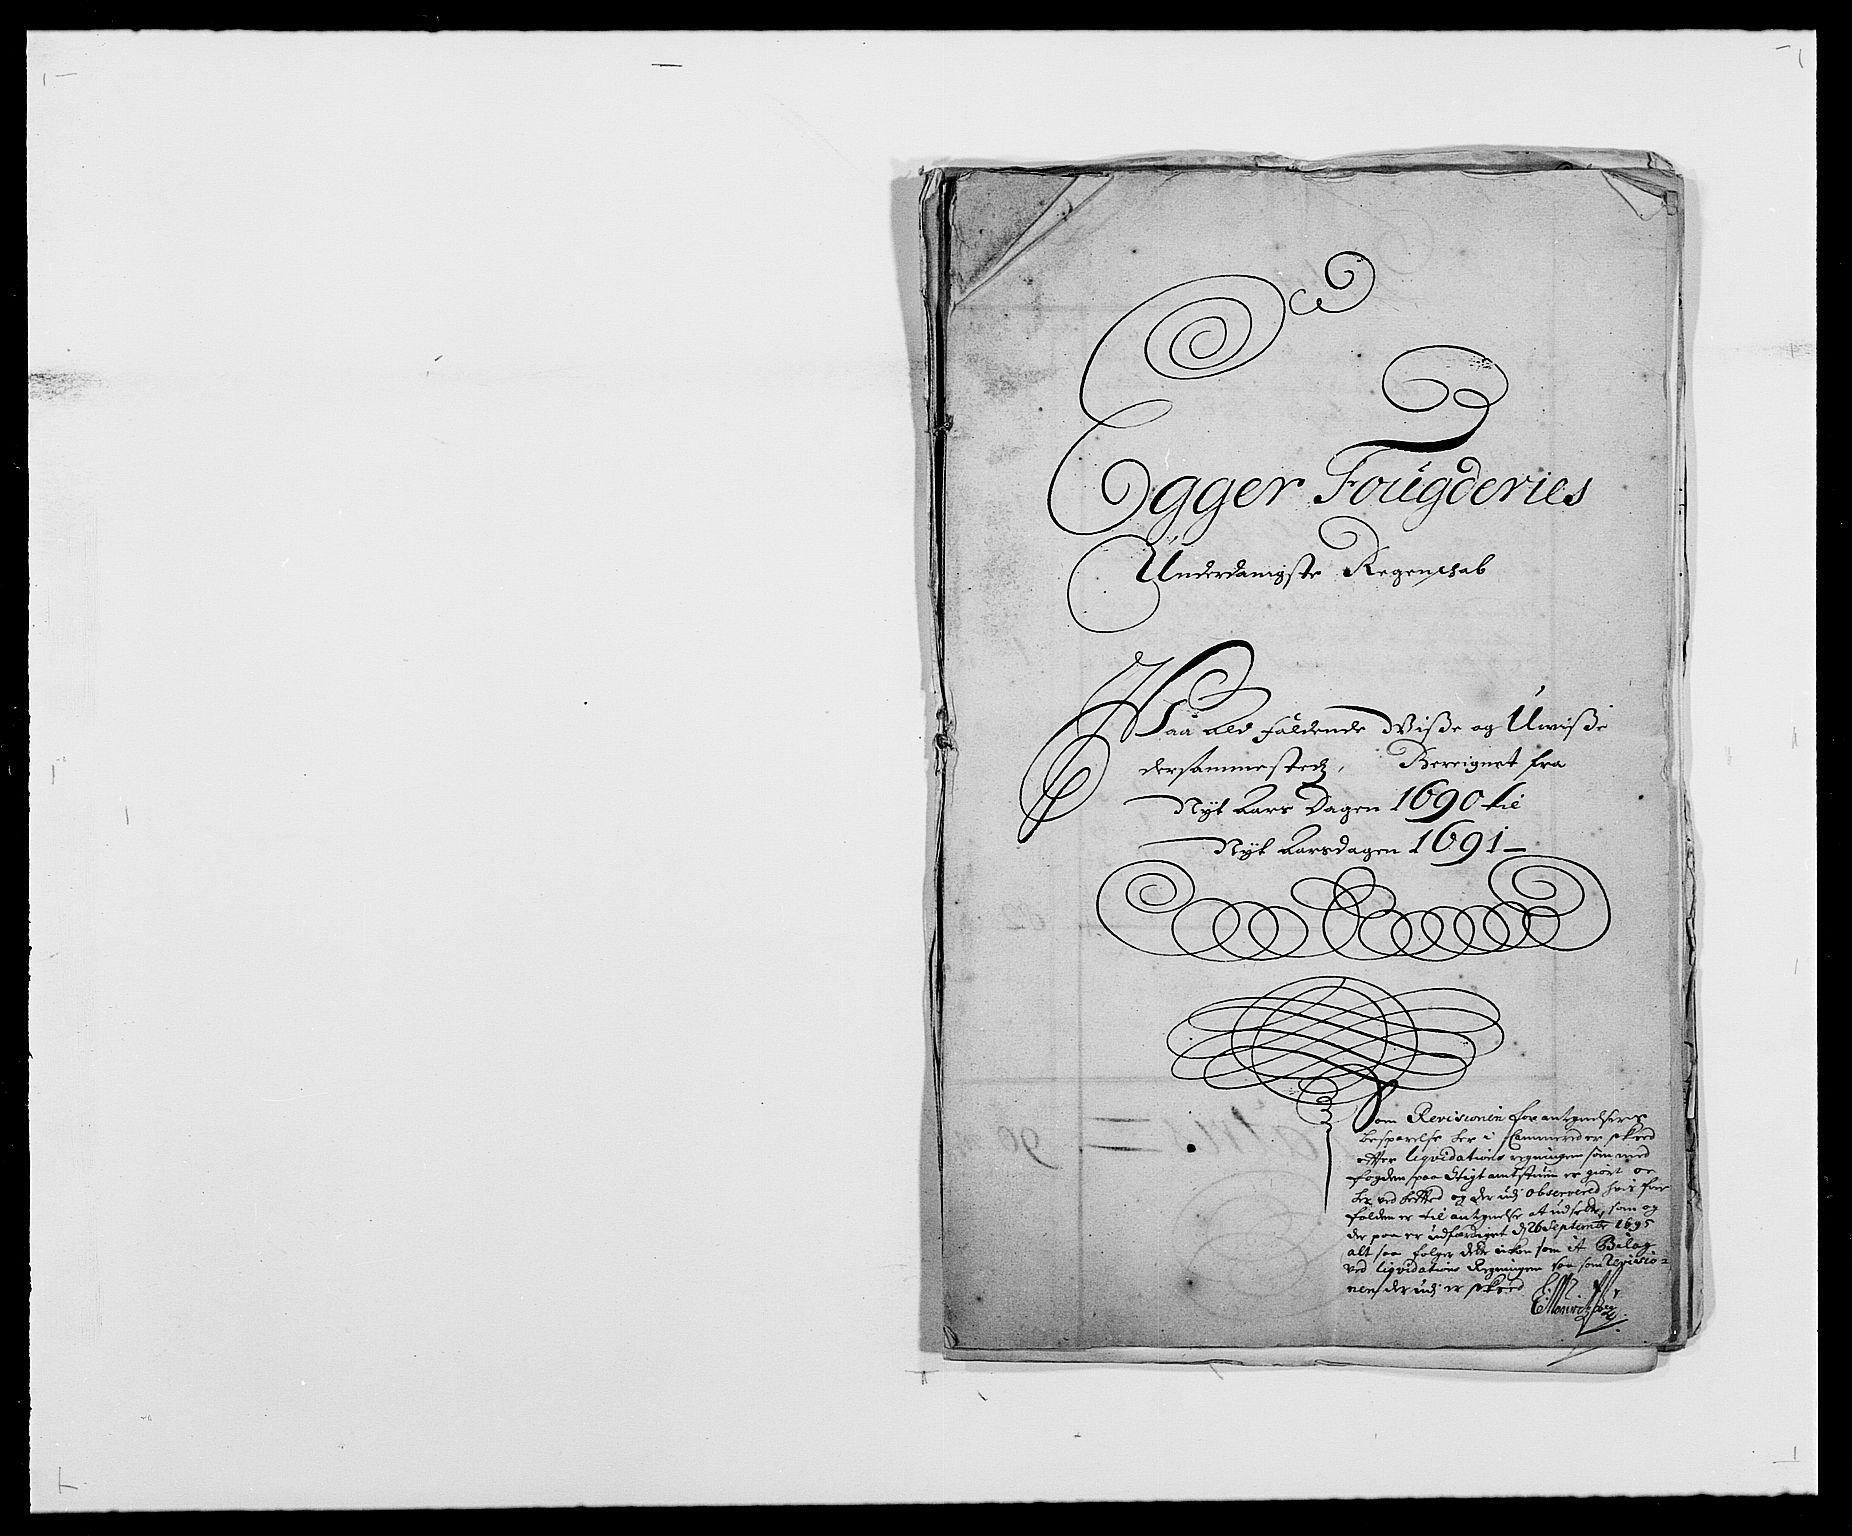 RA, Rentekammeret inntil 1814, Reviderte regnskaper, Fogderegnskap, R28/L1689: Fogderegnskap Eiker og Lier, 1690-1691, s. 1